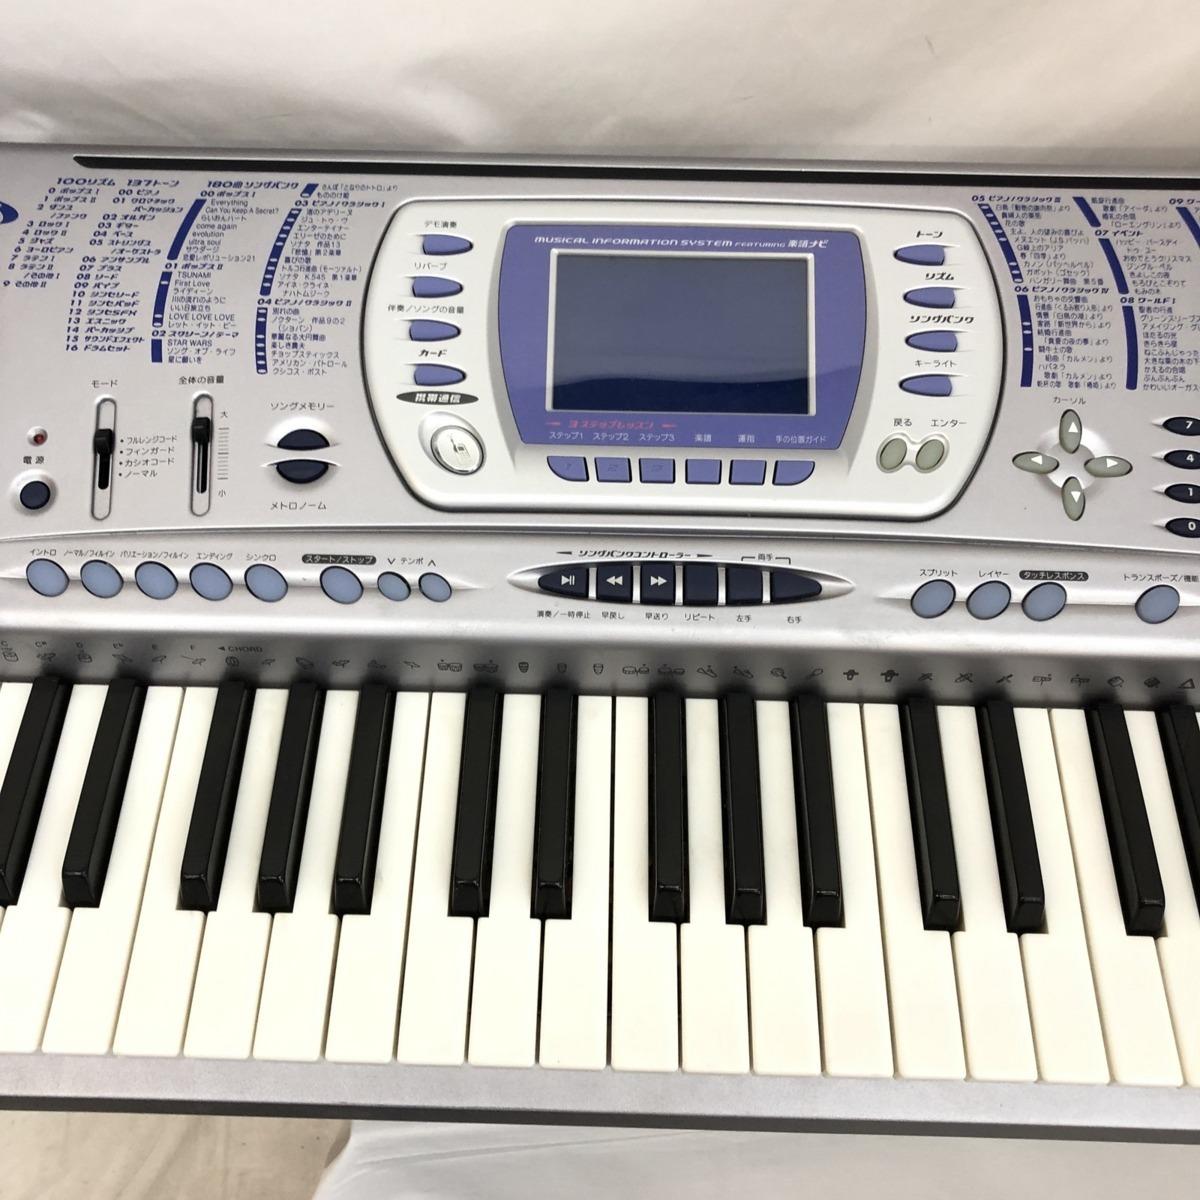 中古 CASIO カシオ 電子キーボード LK-250it 光ナビゲーション ケイタイリンク シルバー ブルー 電子ピアノ 鍵盤楽器 アダプター付 H15354_画像3